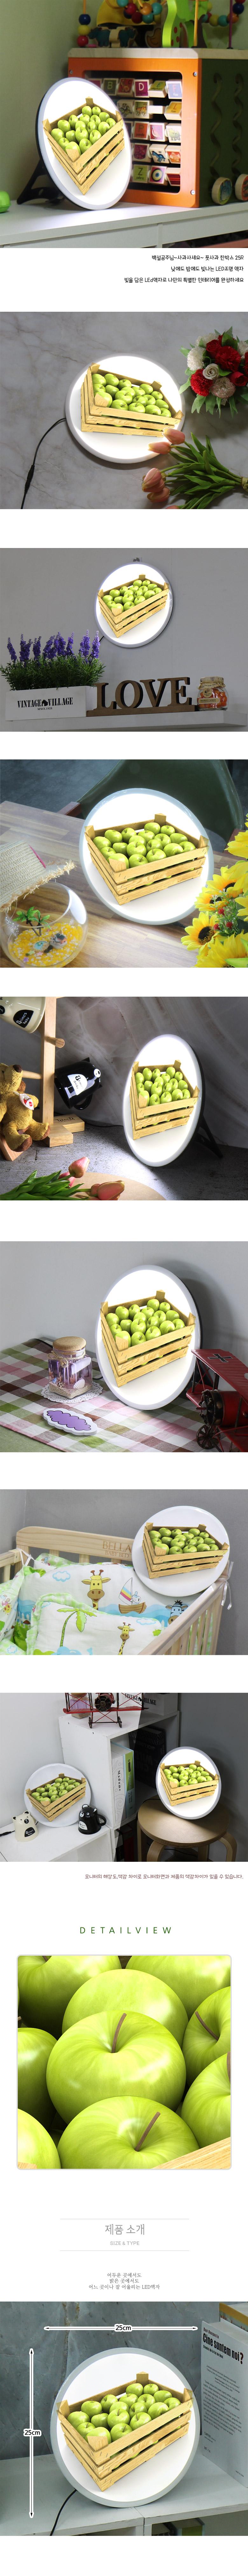 LED액자25R_풋사과한박스 - 꾸밈, 48,000원, 포인트조명, 터치조명